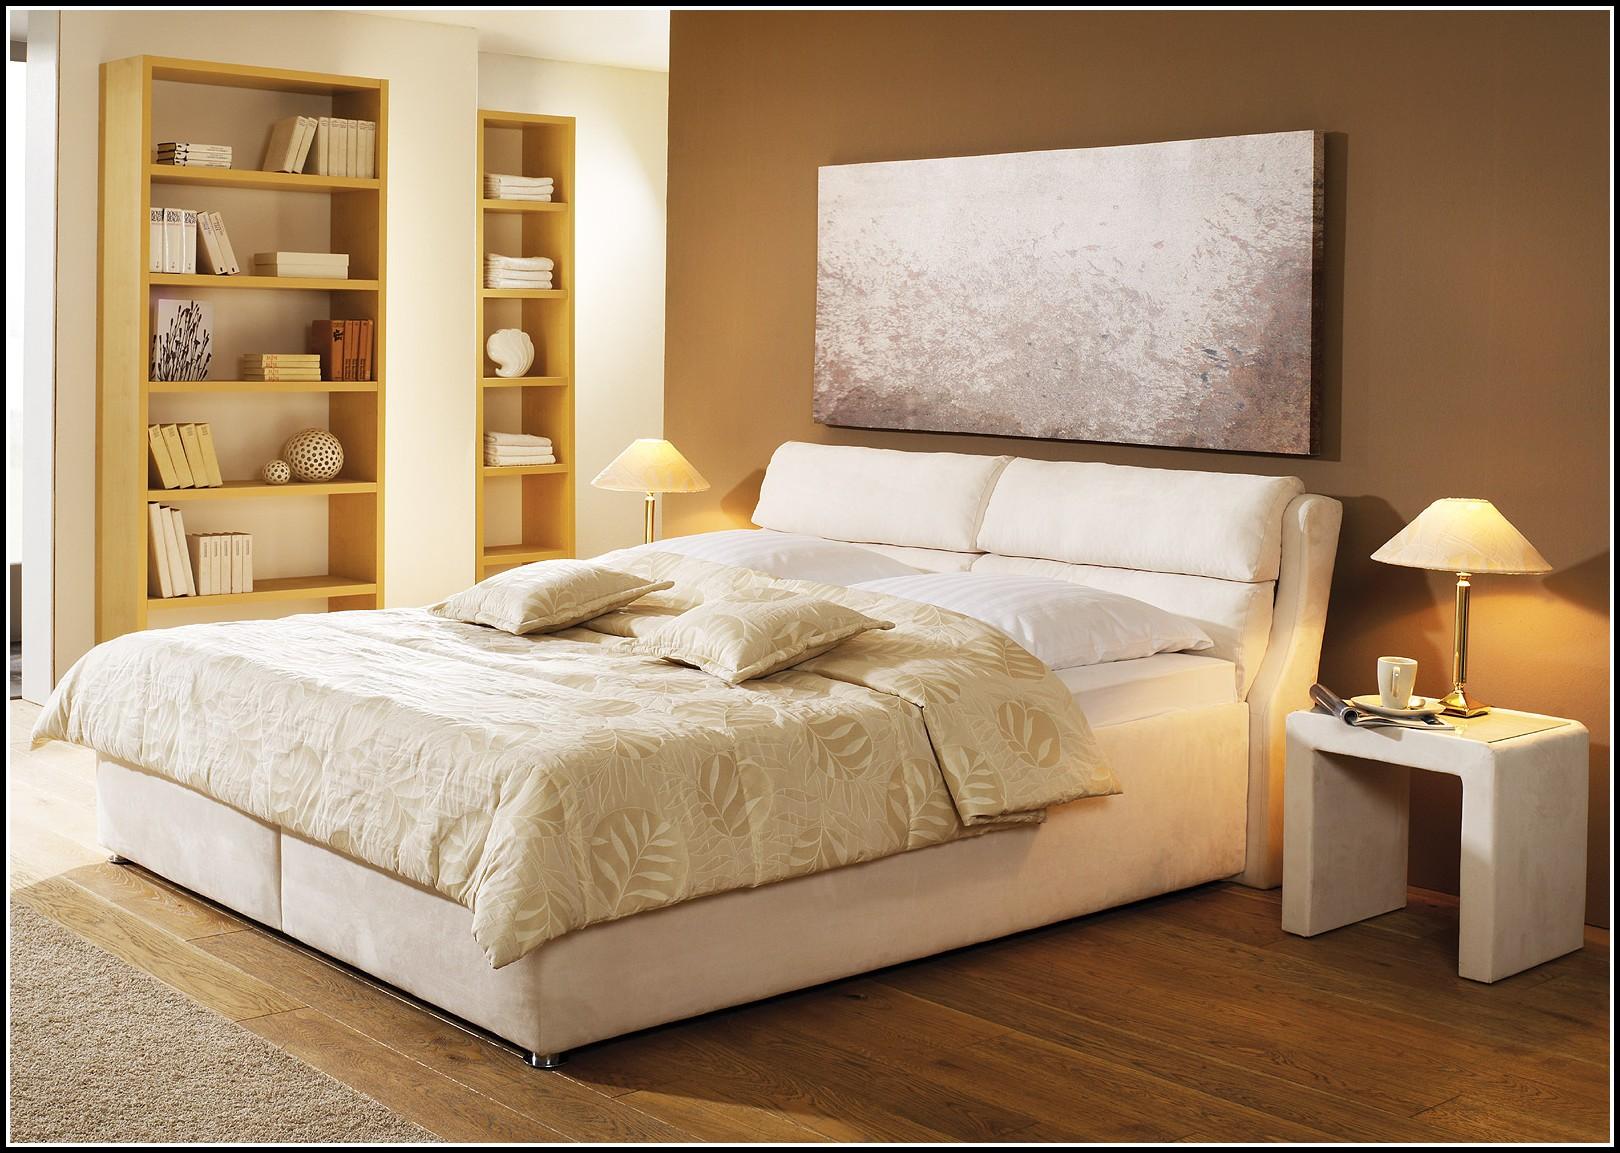 polsterbett mit bettkasten 140x200 cm download page beste wohnideen galerie. Black Bedroom Furniture Sets. Home Design Ideas